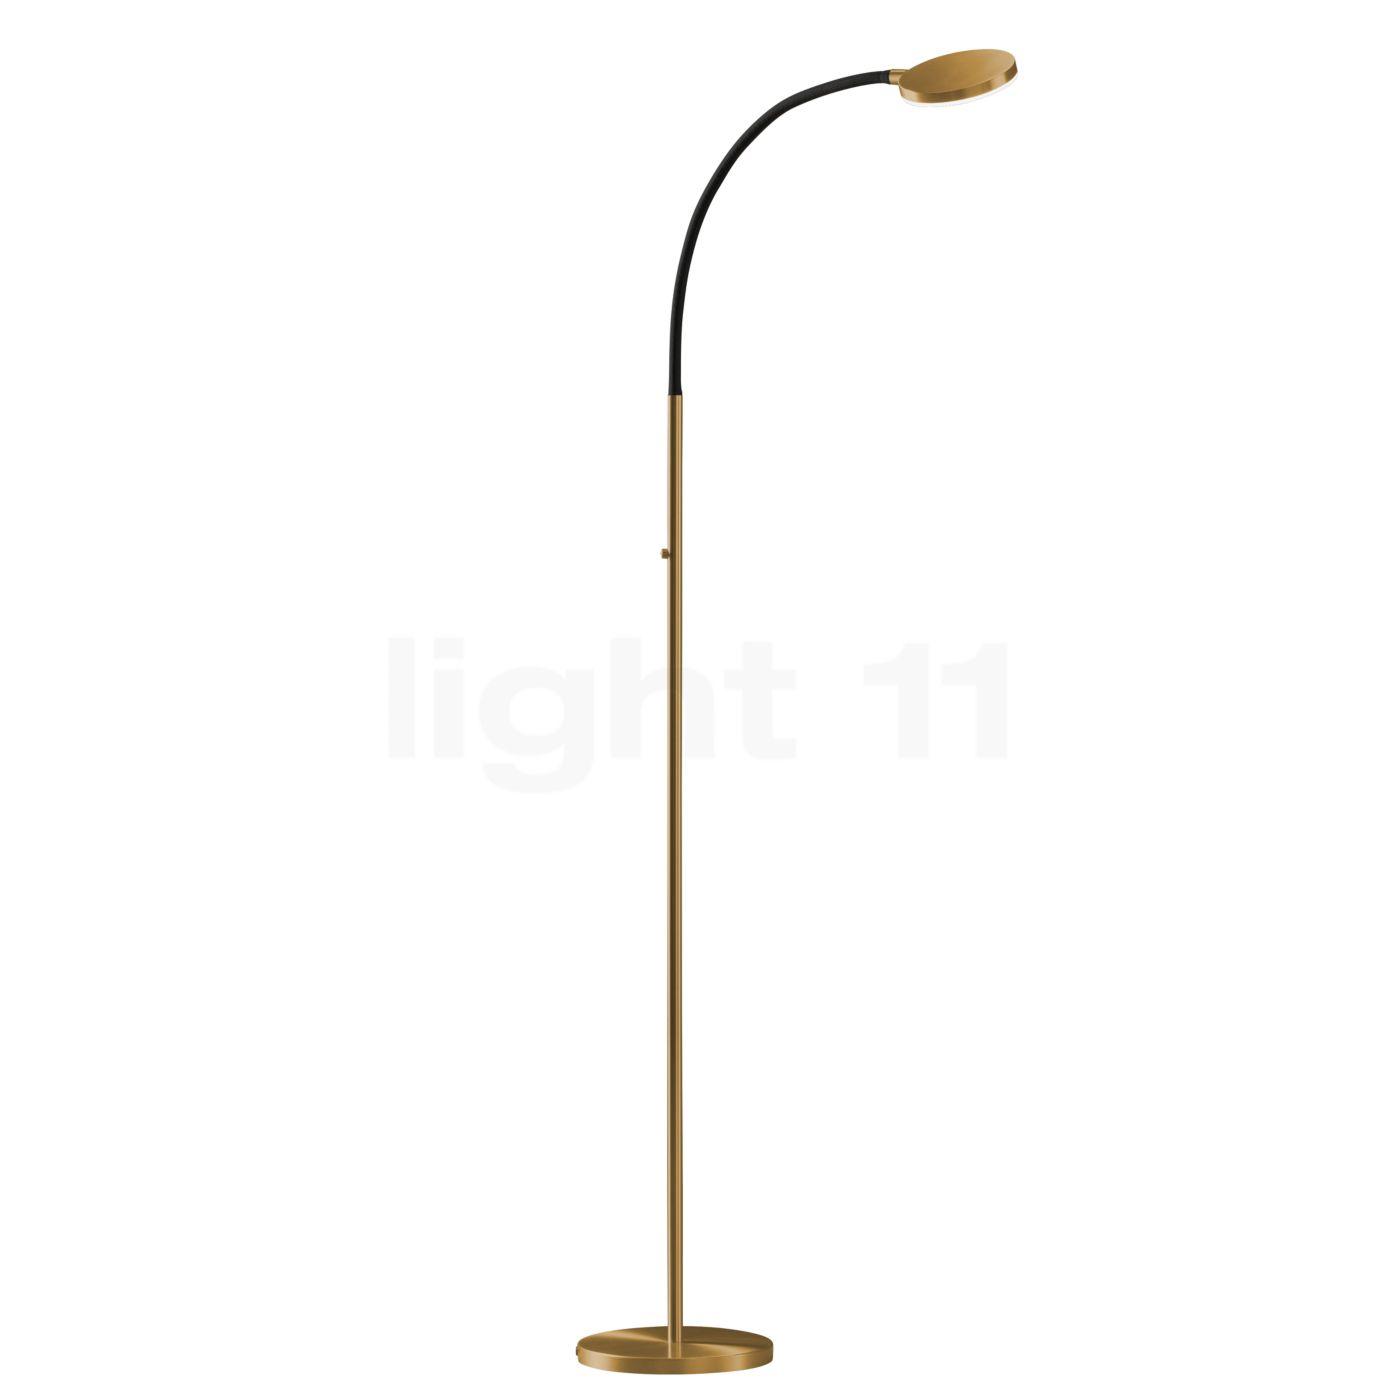 stehlampe led dimmbar stehlampe angebote von aldi sd ber. Black Bedroom Furniture Sets. Home Design Ideas